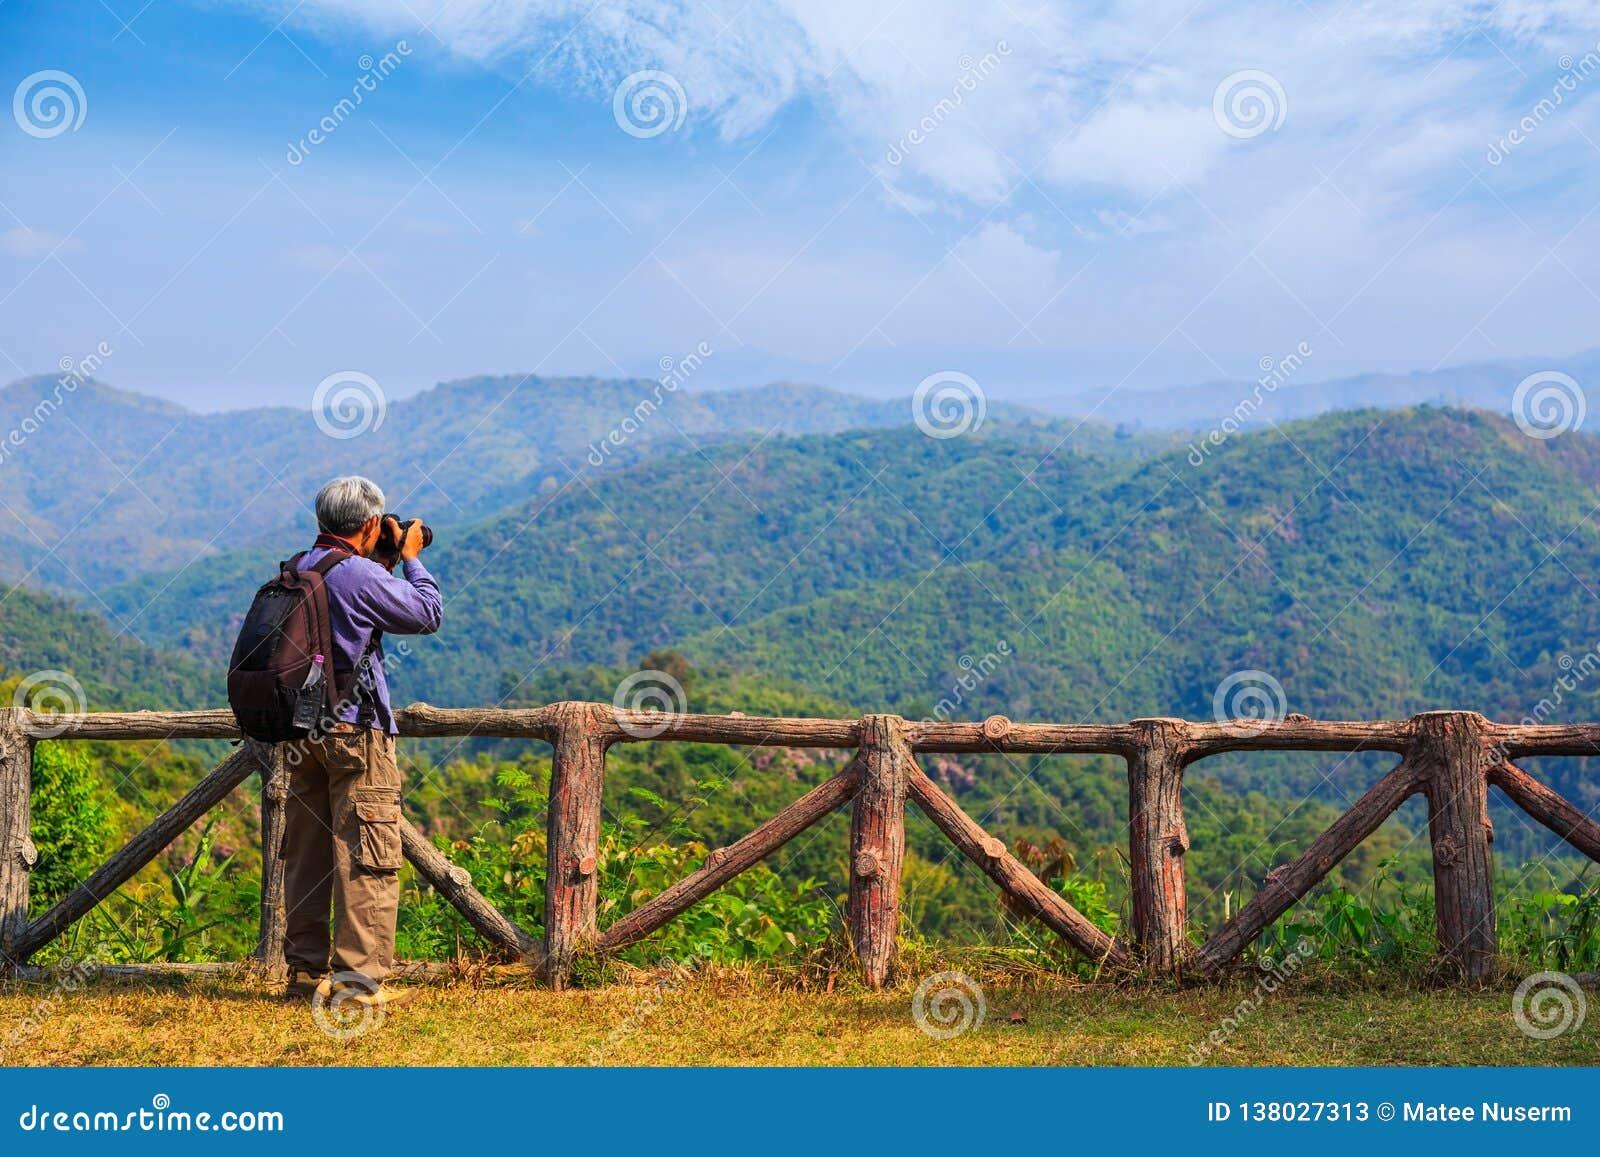 Tomando a foto do cenário da natureza